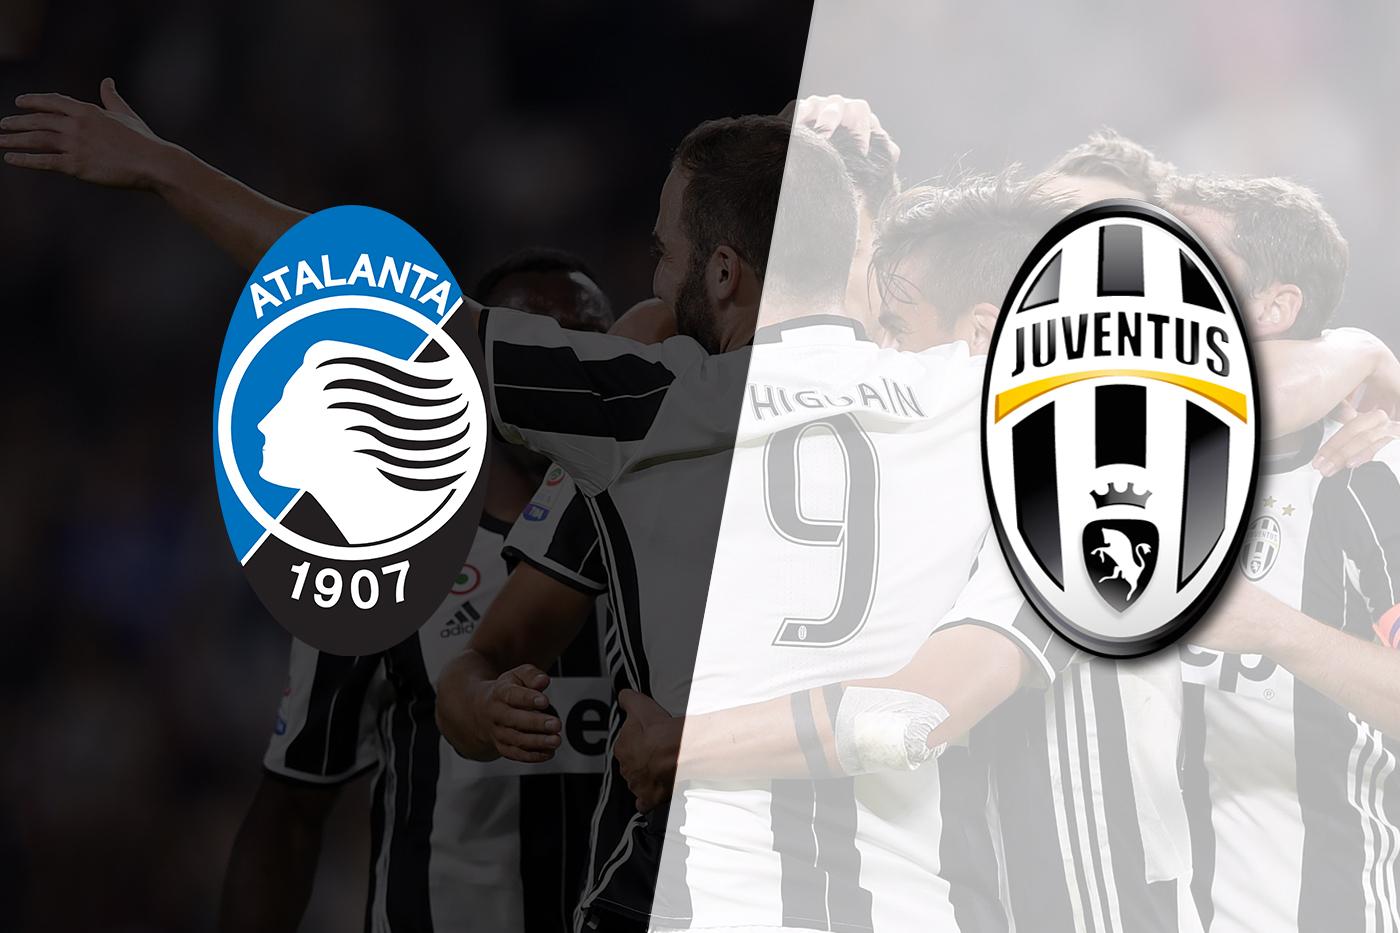 نتيجة مباراة أتلانتا ويوفنتوس بتاريخ 23-11-2019 الدوري الايطالي